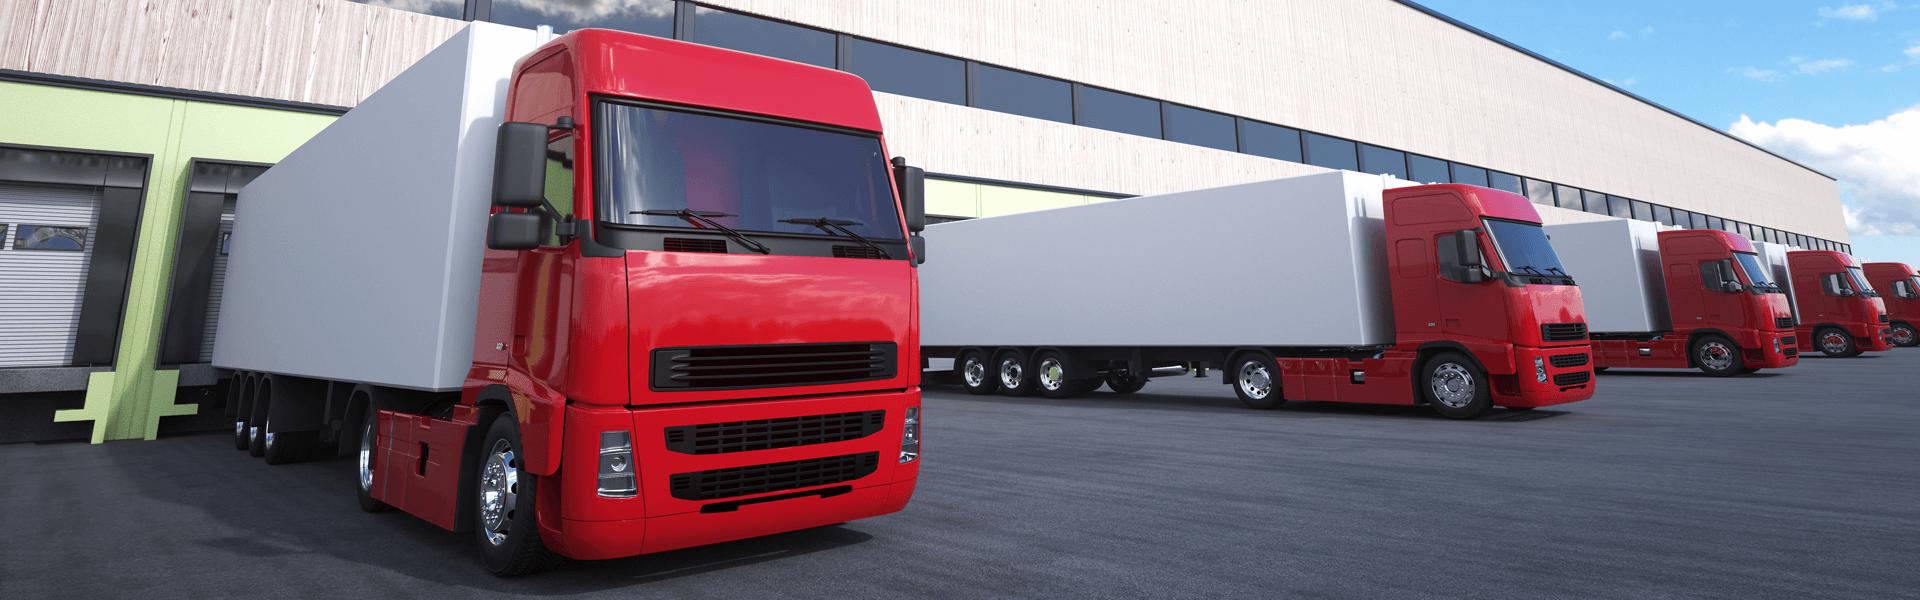 seguro de mercancias, tipos y coberturas